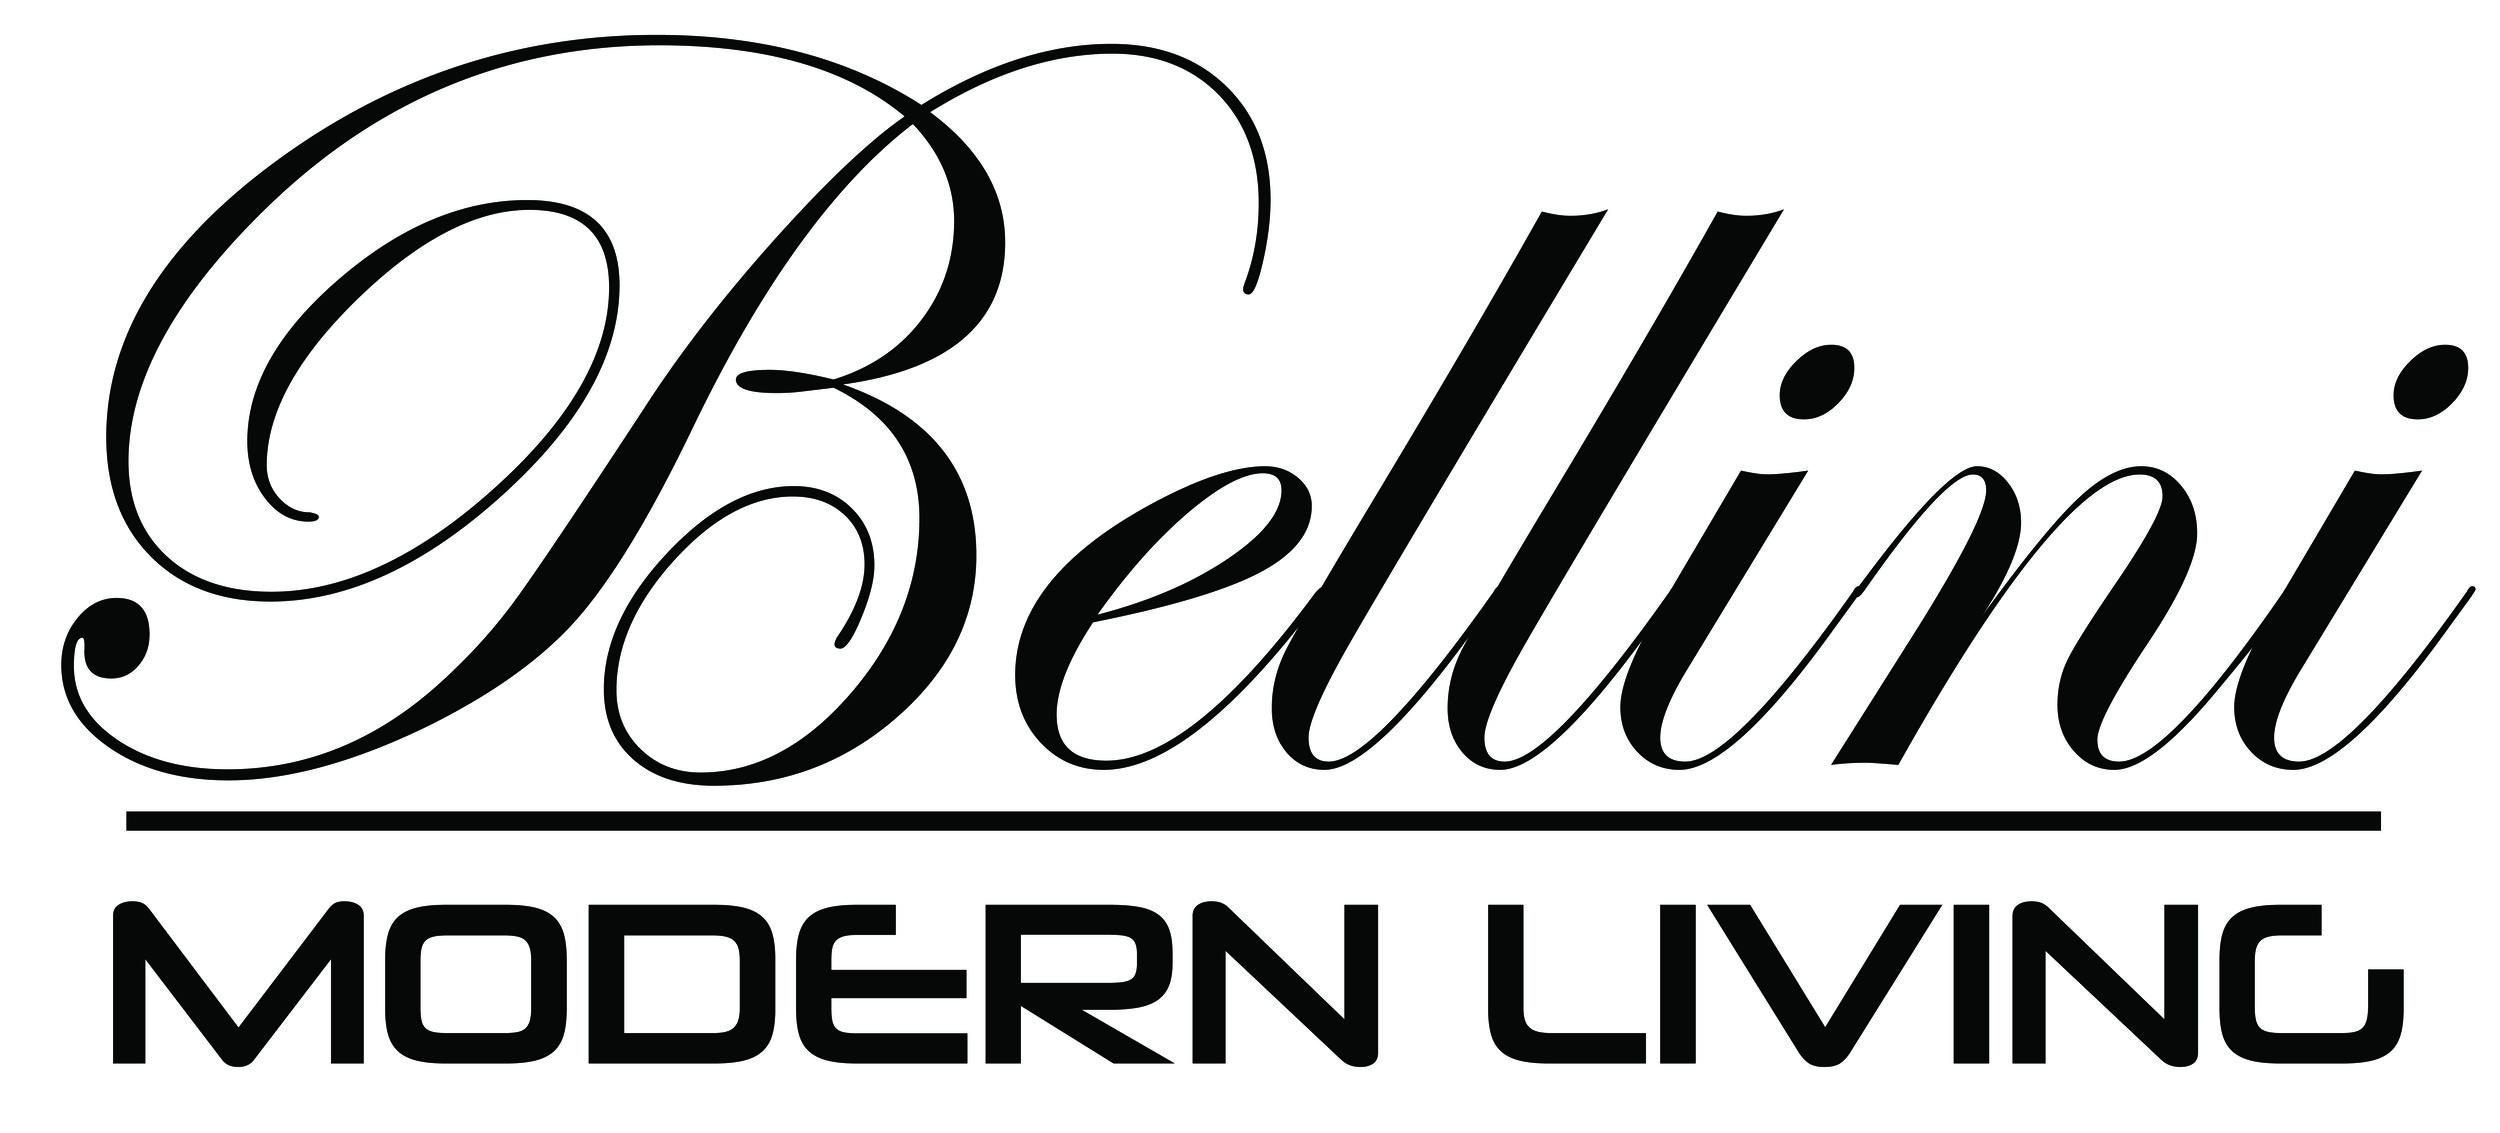 BelliniModernLiving.jpg